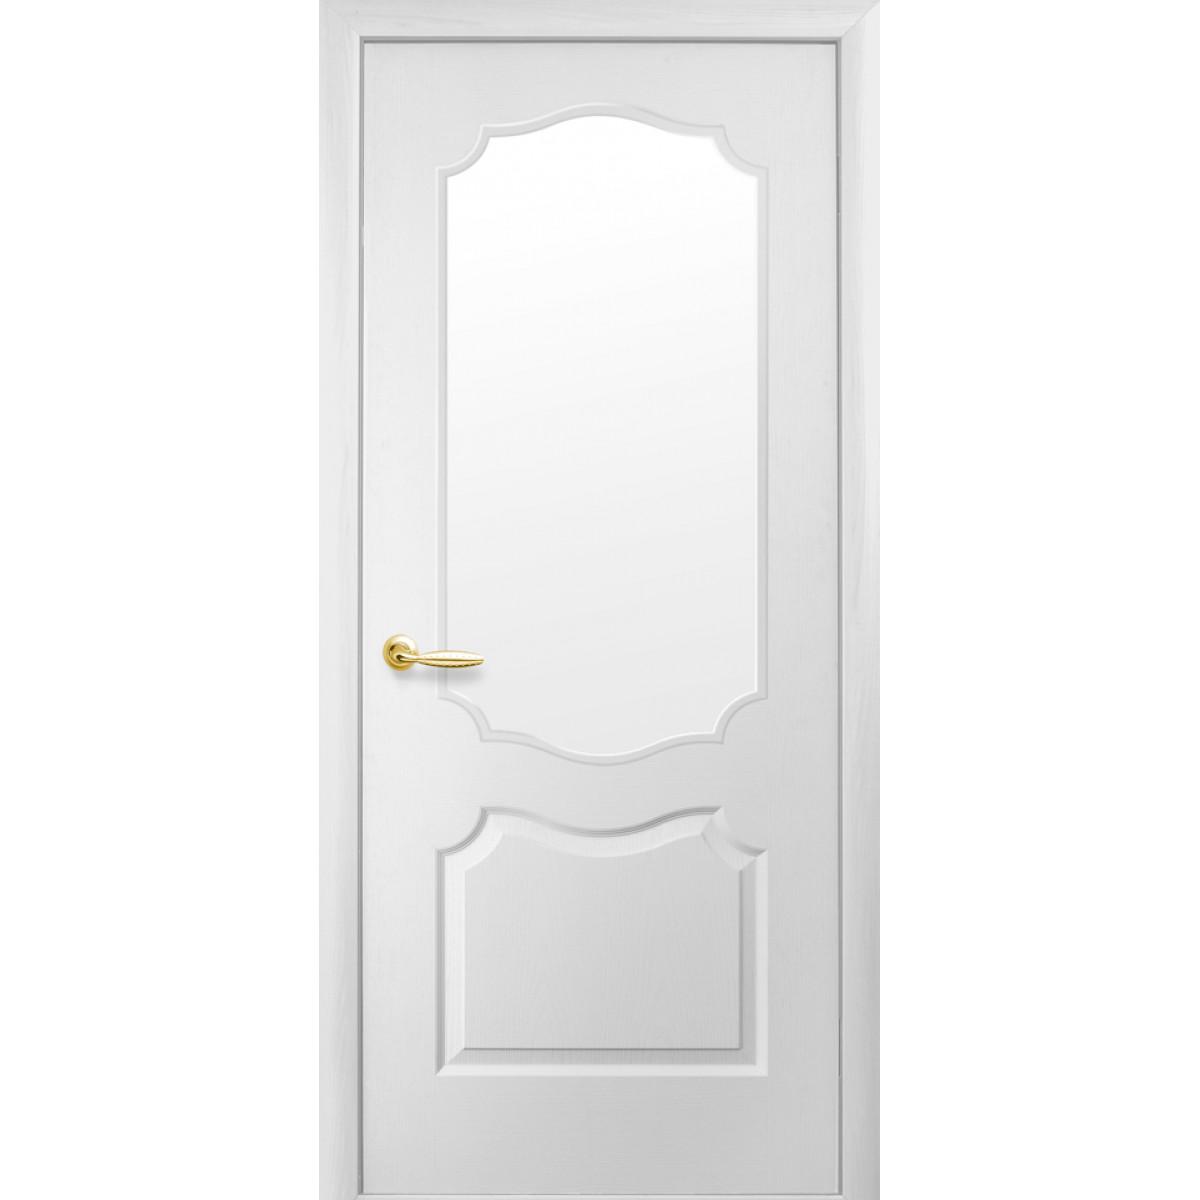 Межкомнатная дверь Вензель под покраску со стеклом Новый стиль